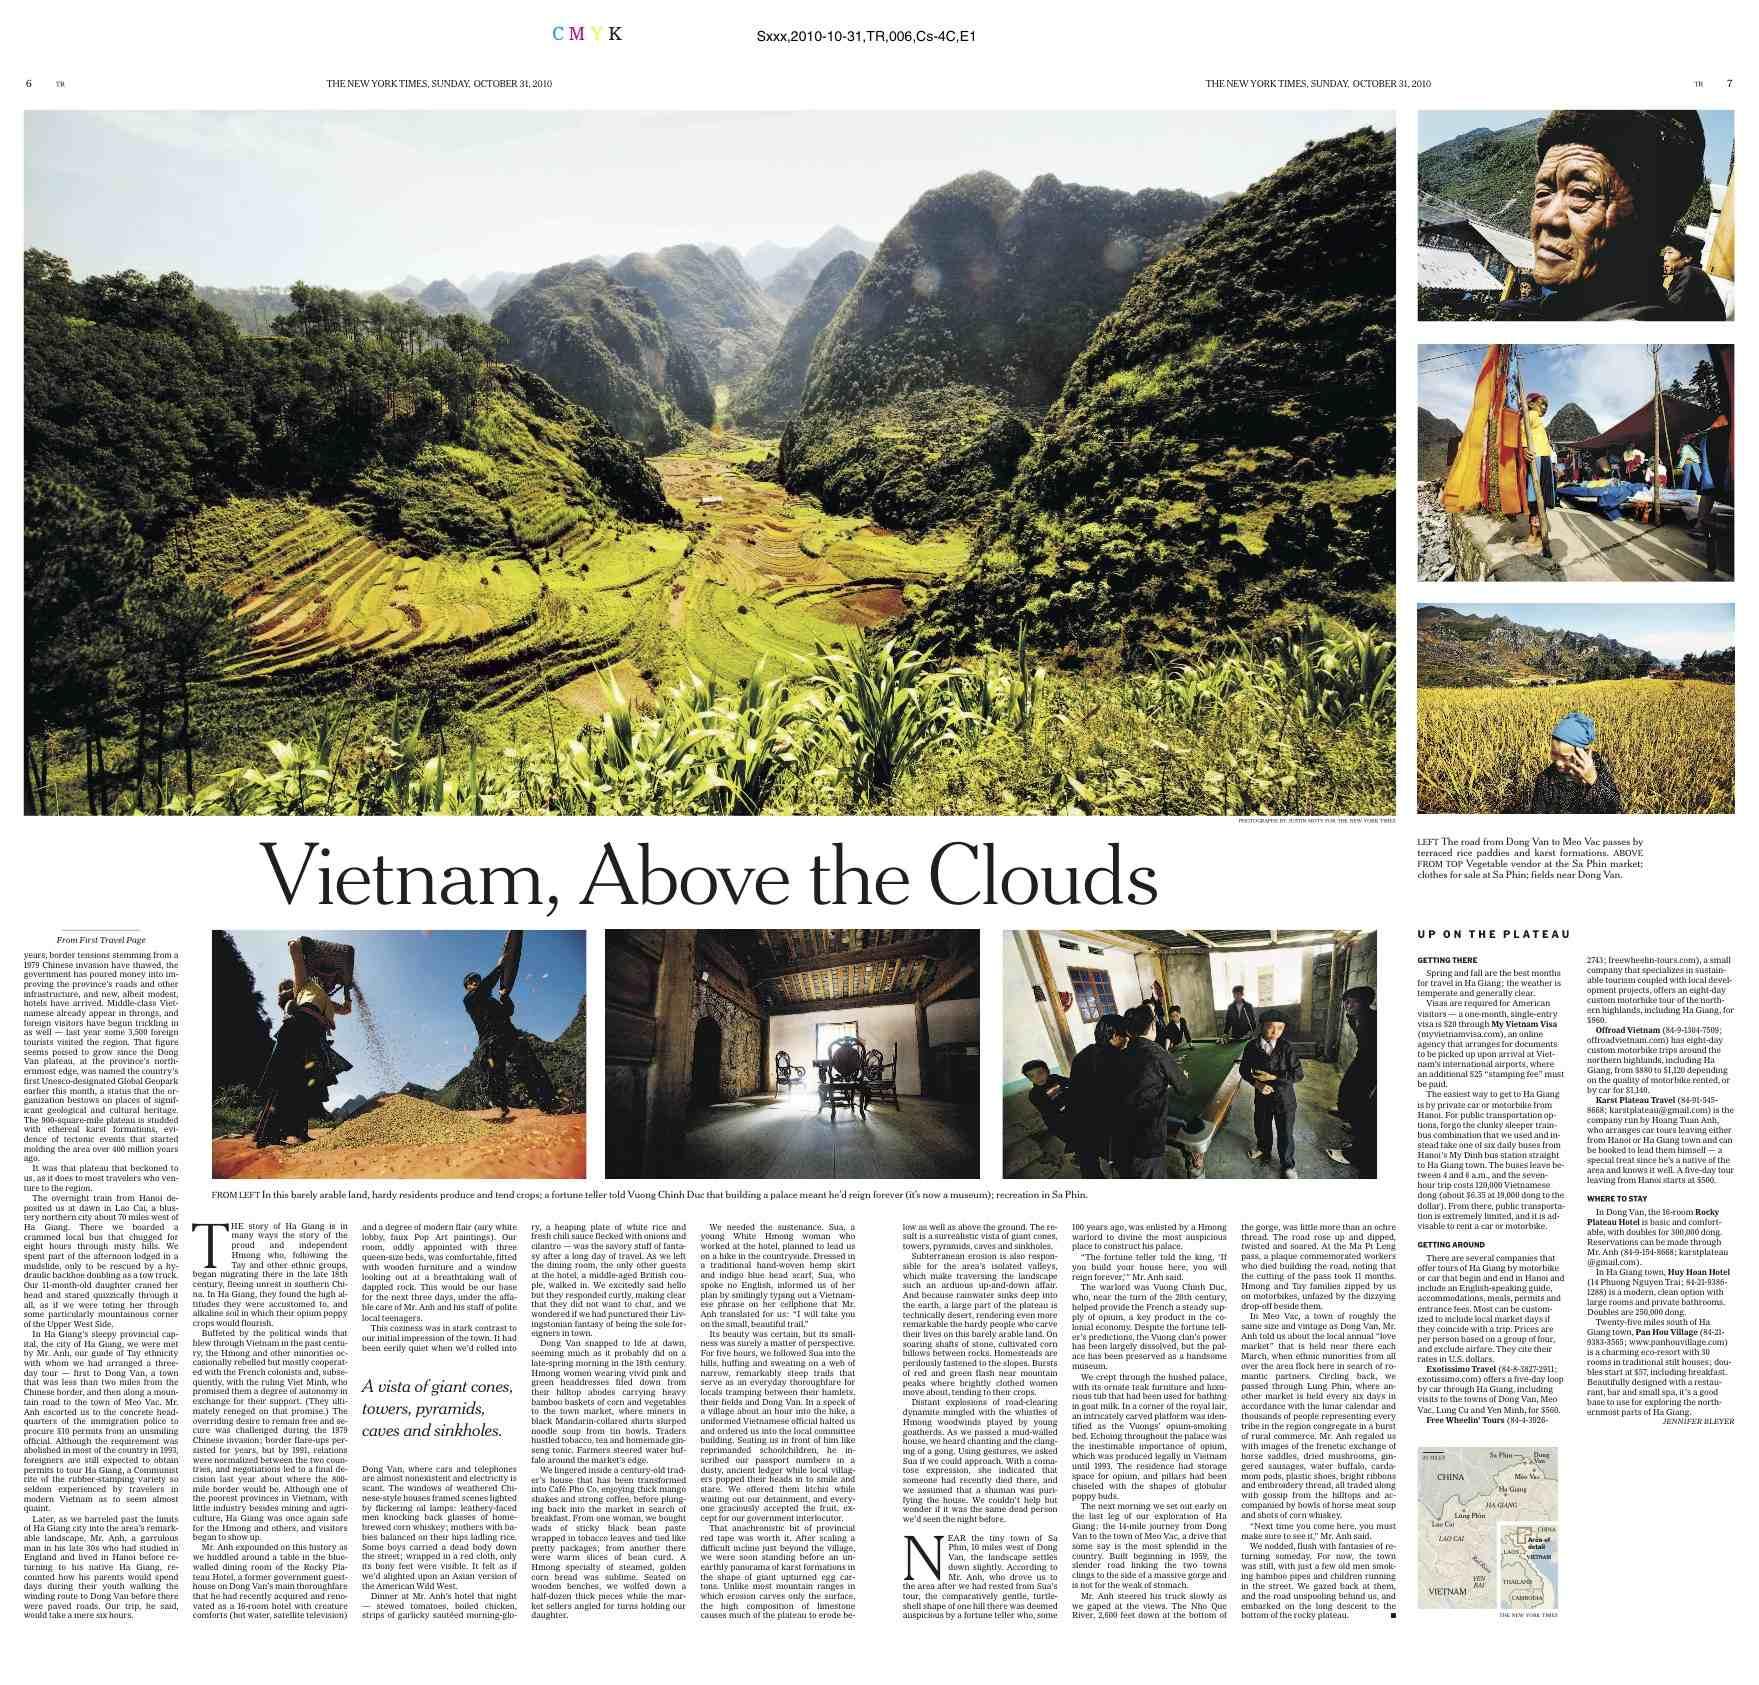 Justin_Mott_Photography_Vietnam_4-1.jpg